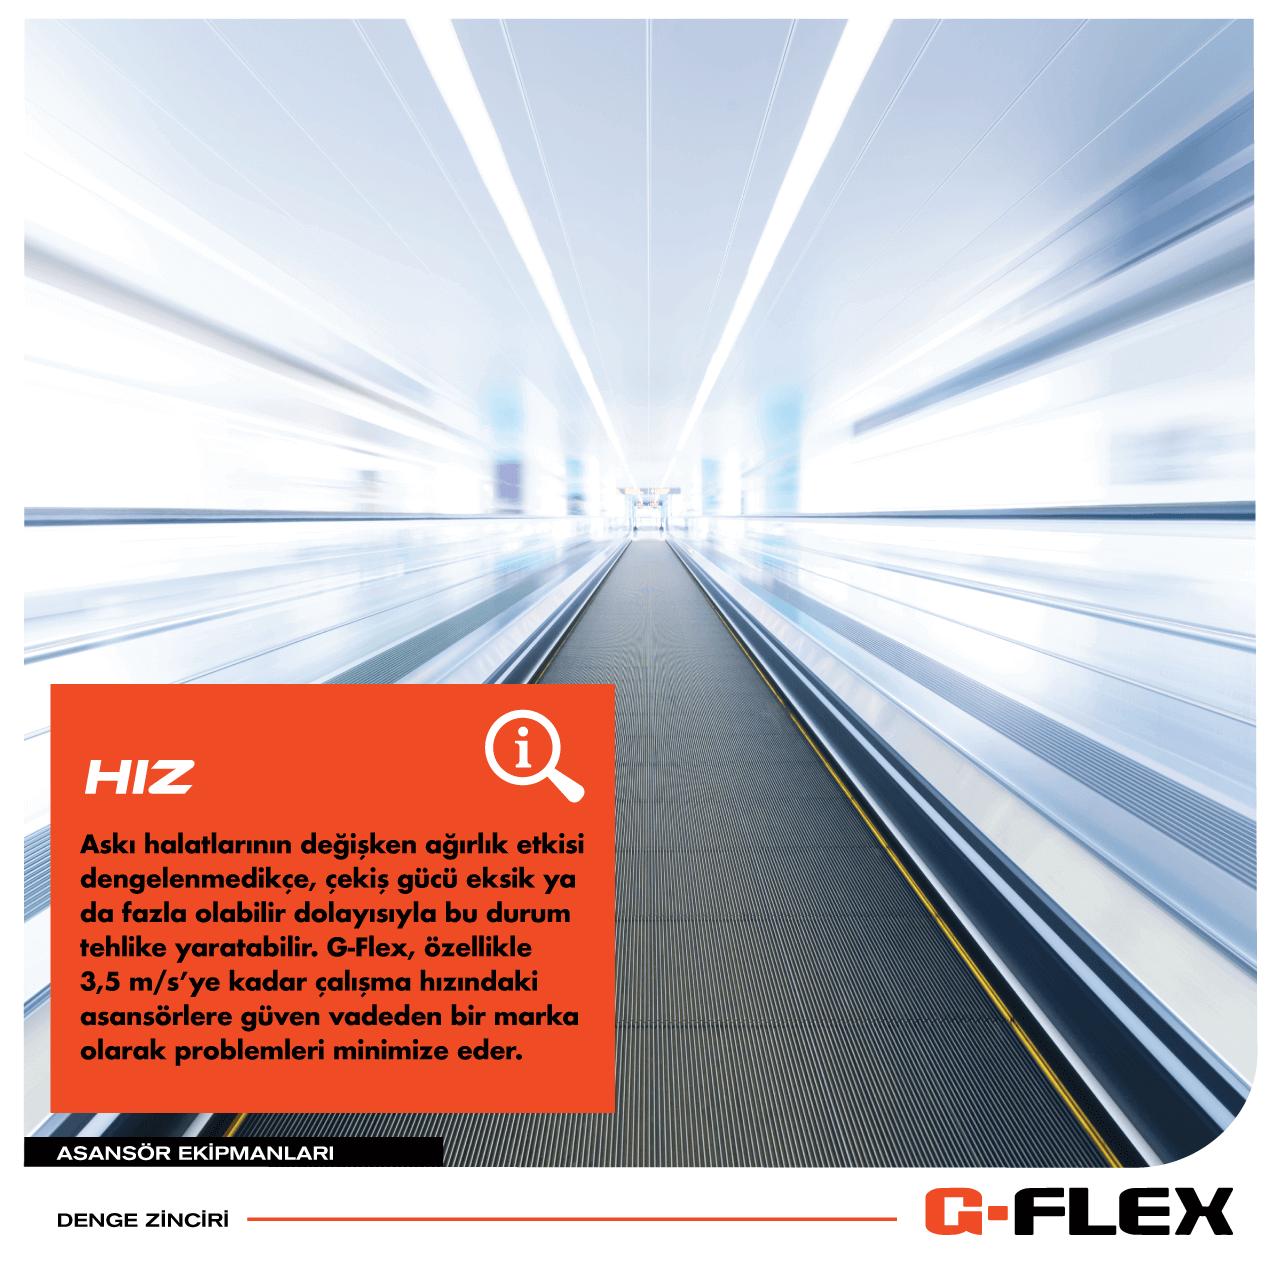 G-flex-hizmetlerimiz